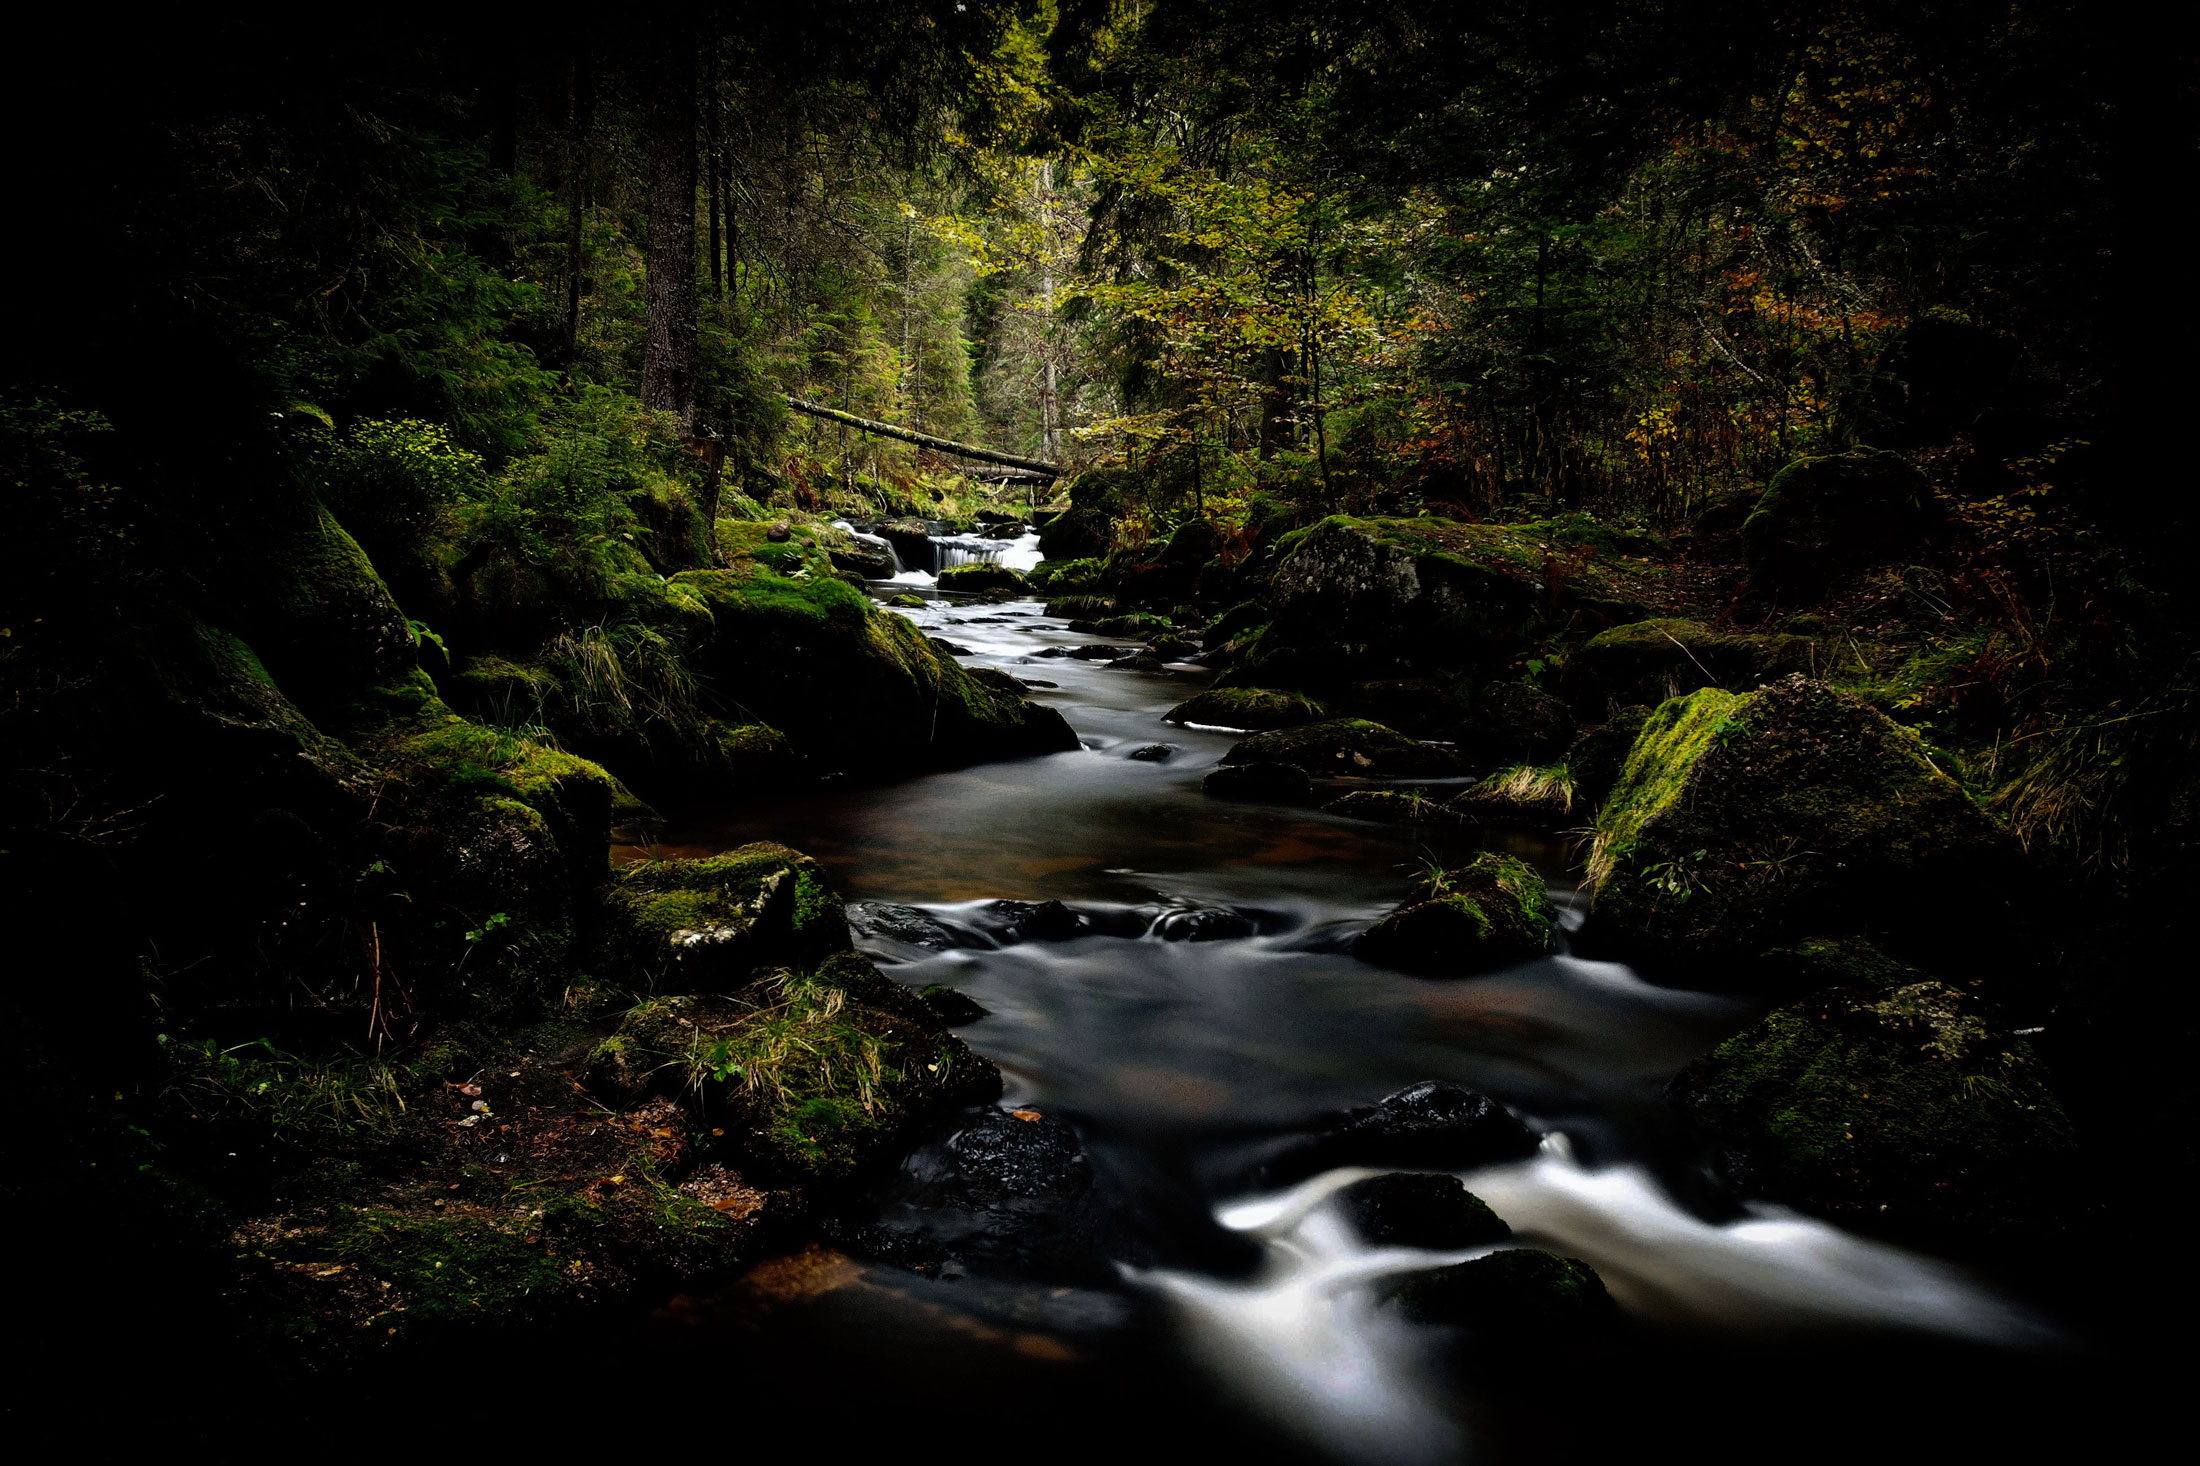 Le Boisé des ruisseaux